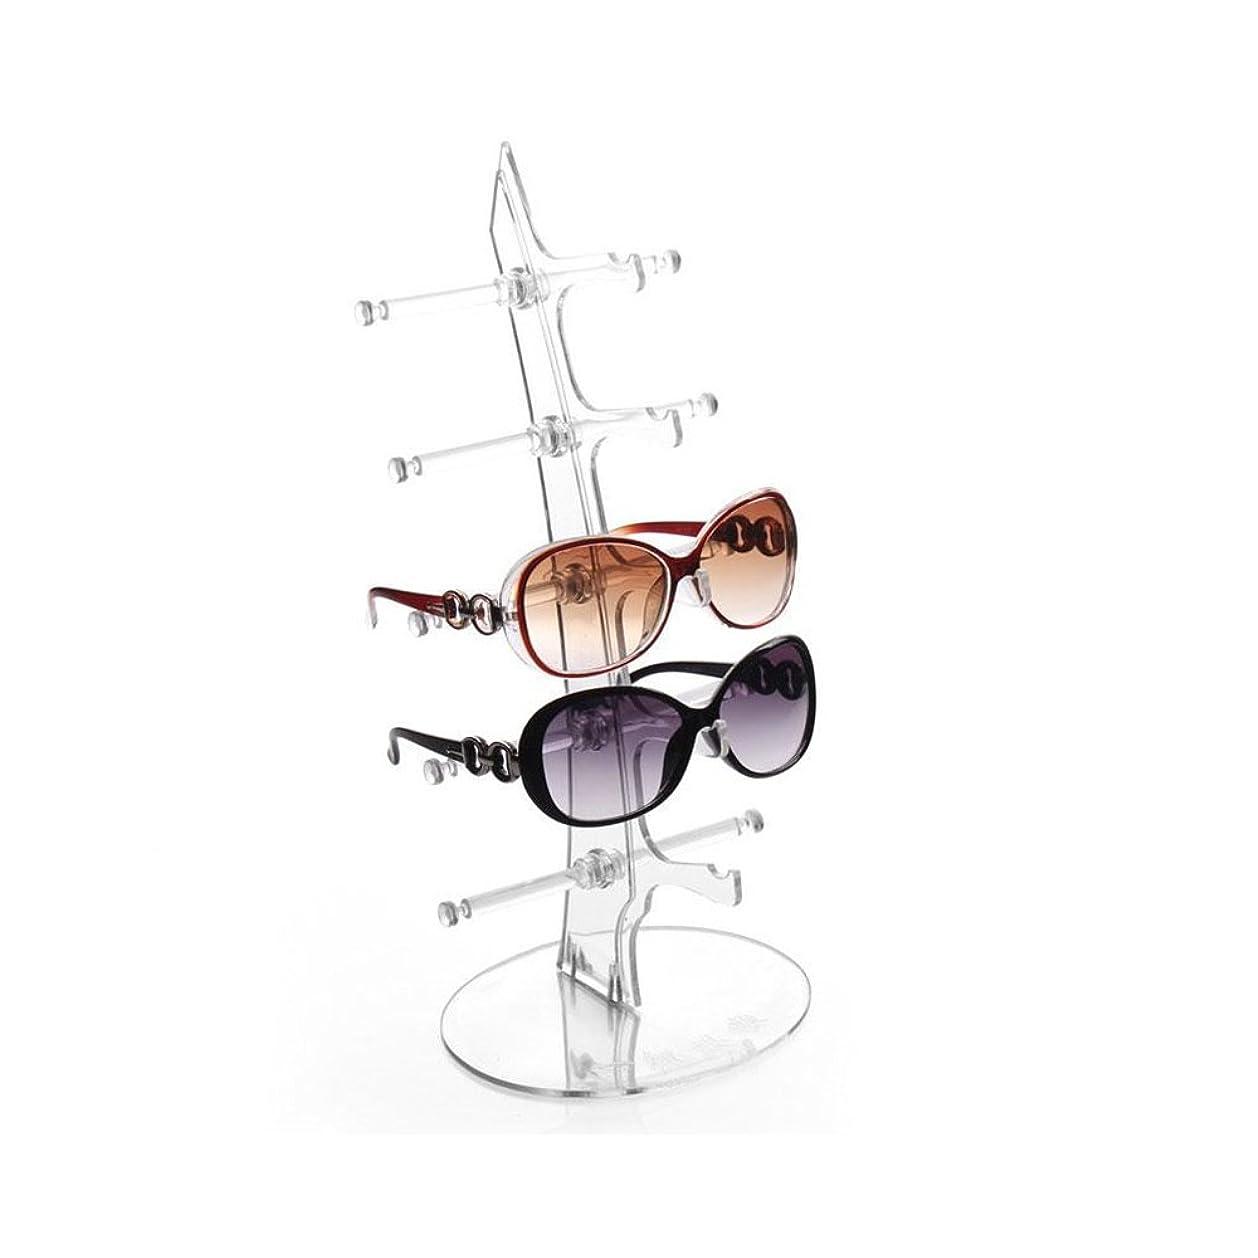 マスク色消去Hongch 眼鏡 デイリー用ディスプレイスタンド サングラスホルダーラック 眼鏡